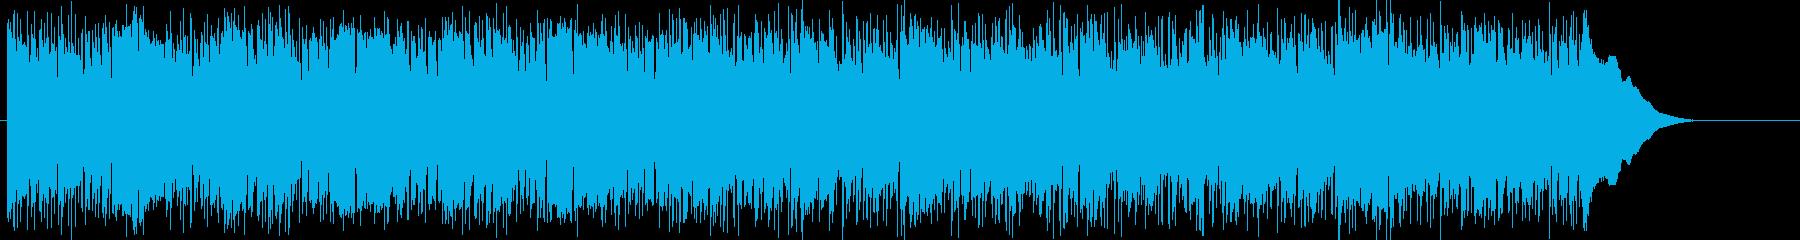 ポップ アクション 説明的 adv...の再生済みの波形